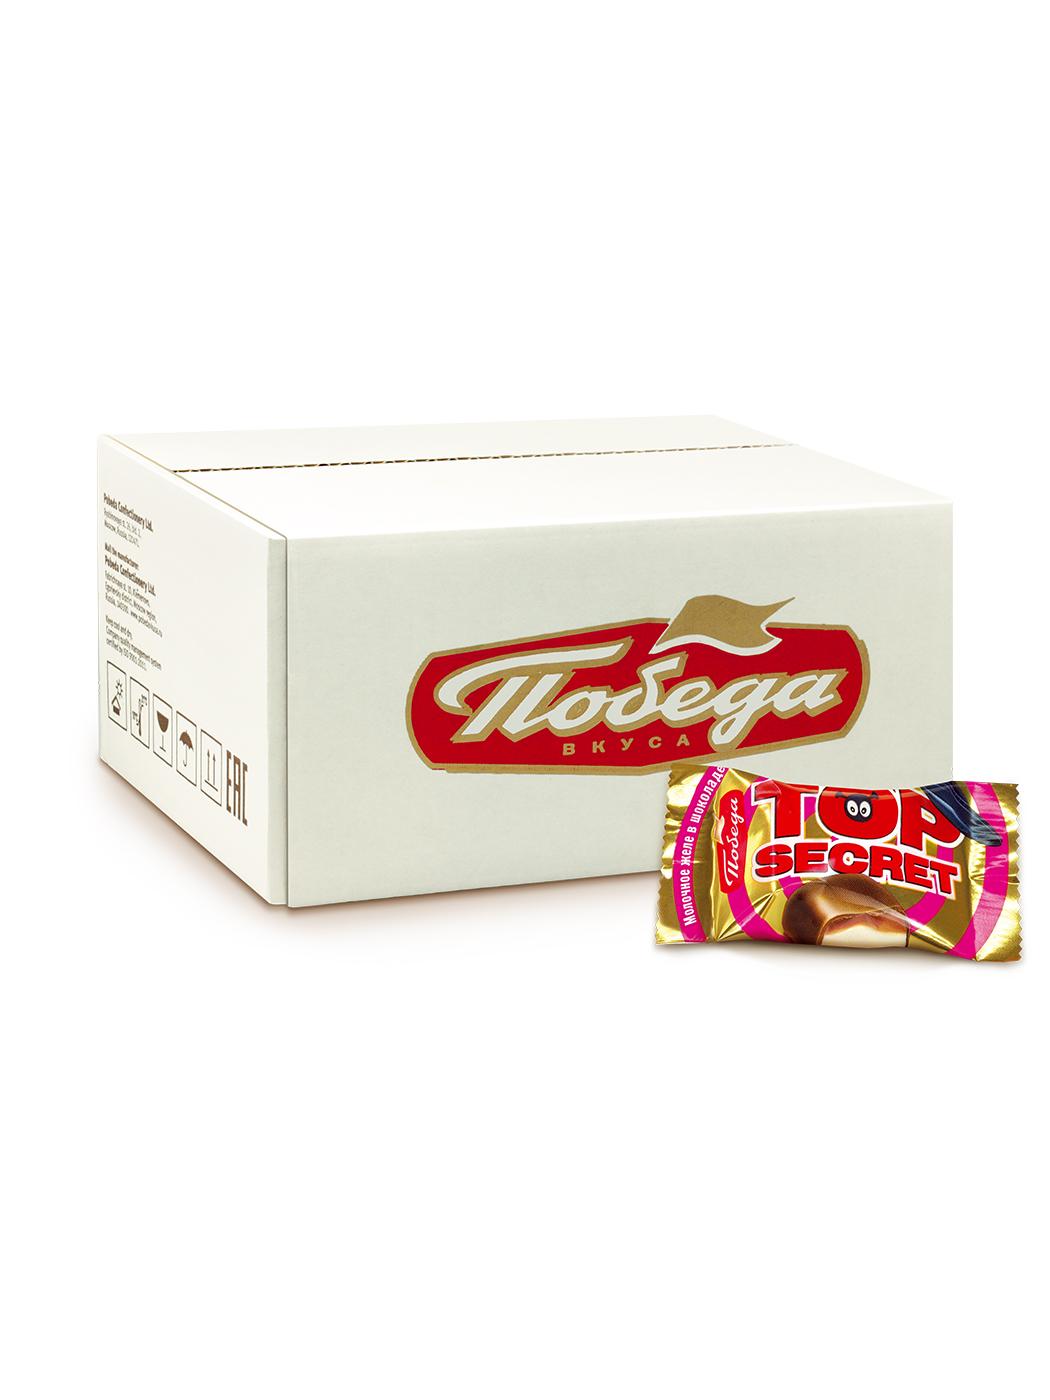 Конфеты Победа вкуса Top Secret желейные со вкусом сгущенки в молочном шоколаде фото